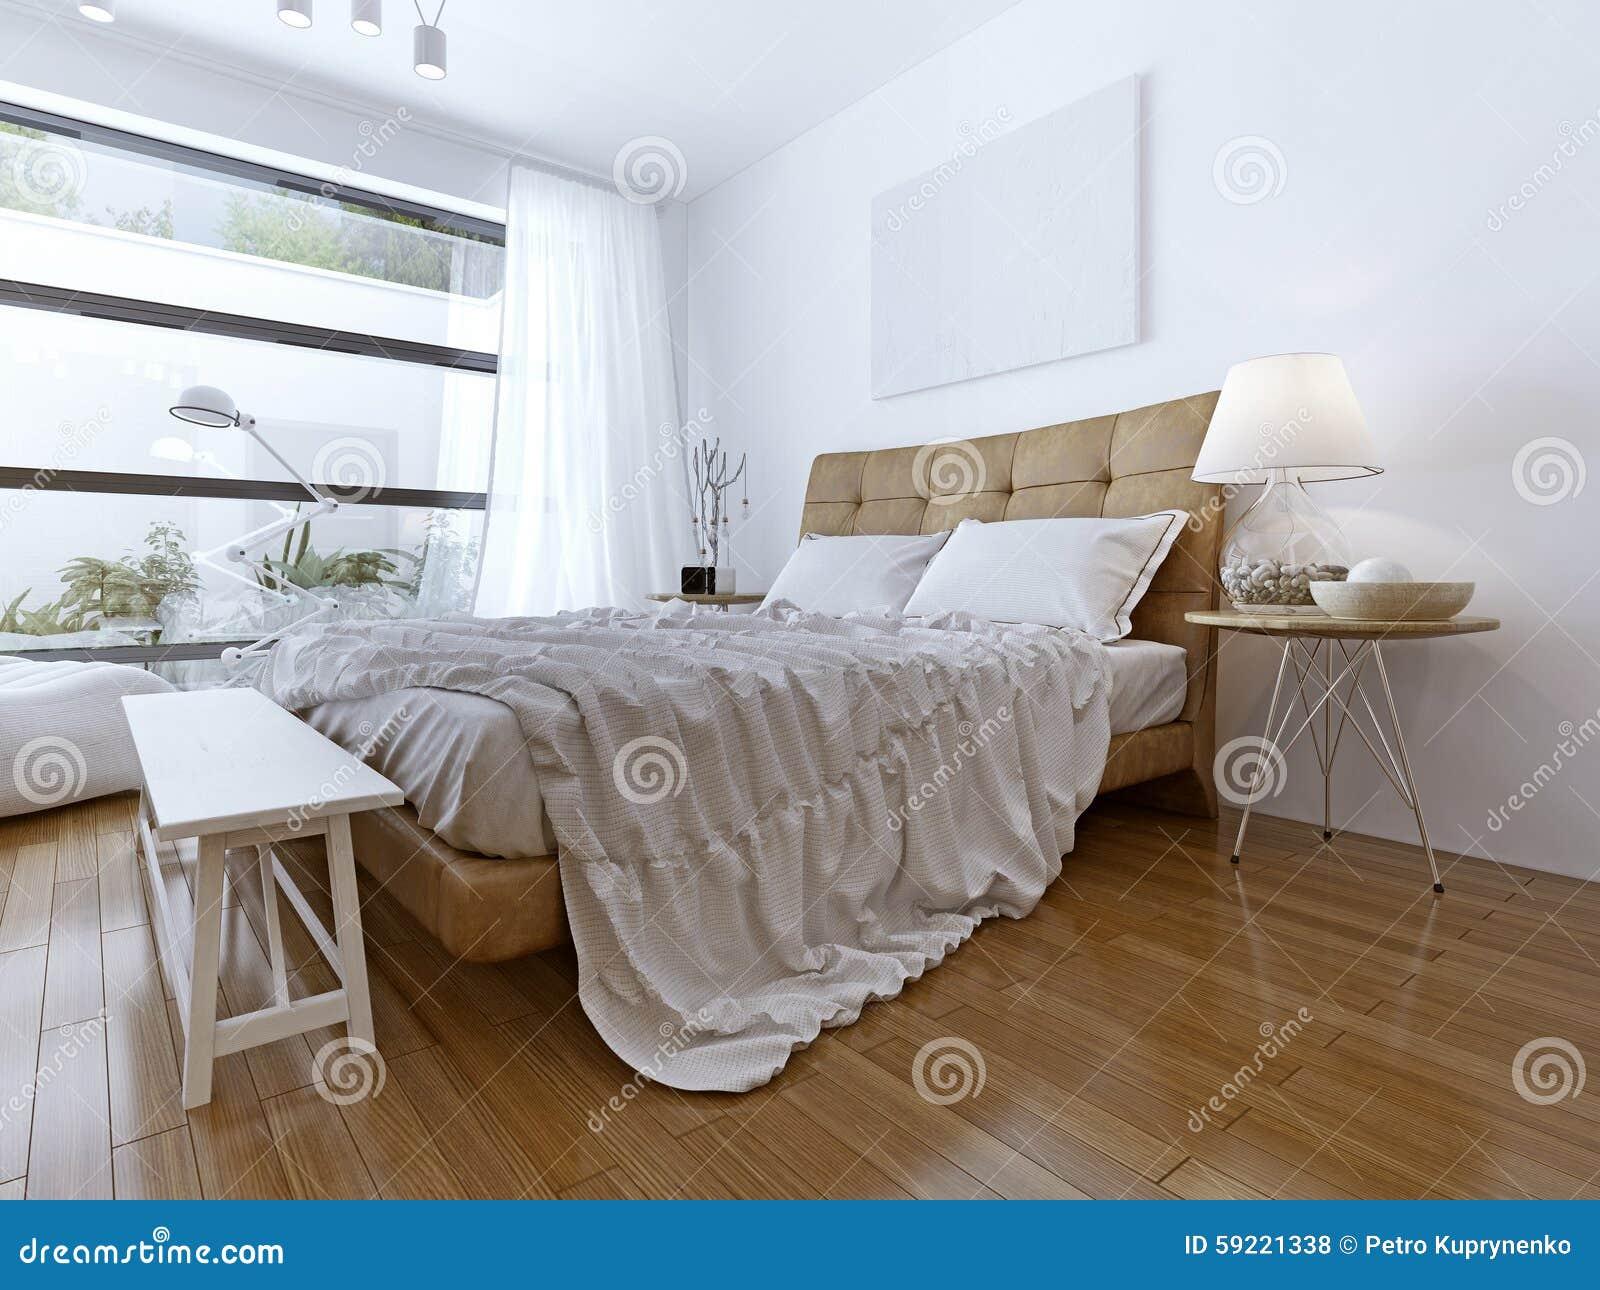 Modernes Schlafzimmer Mit Boden Zu Den Deckenfenstern Stockfoto ...